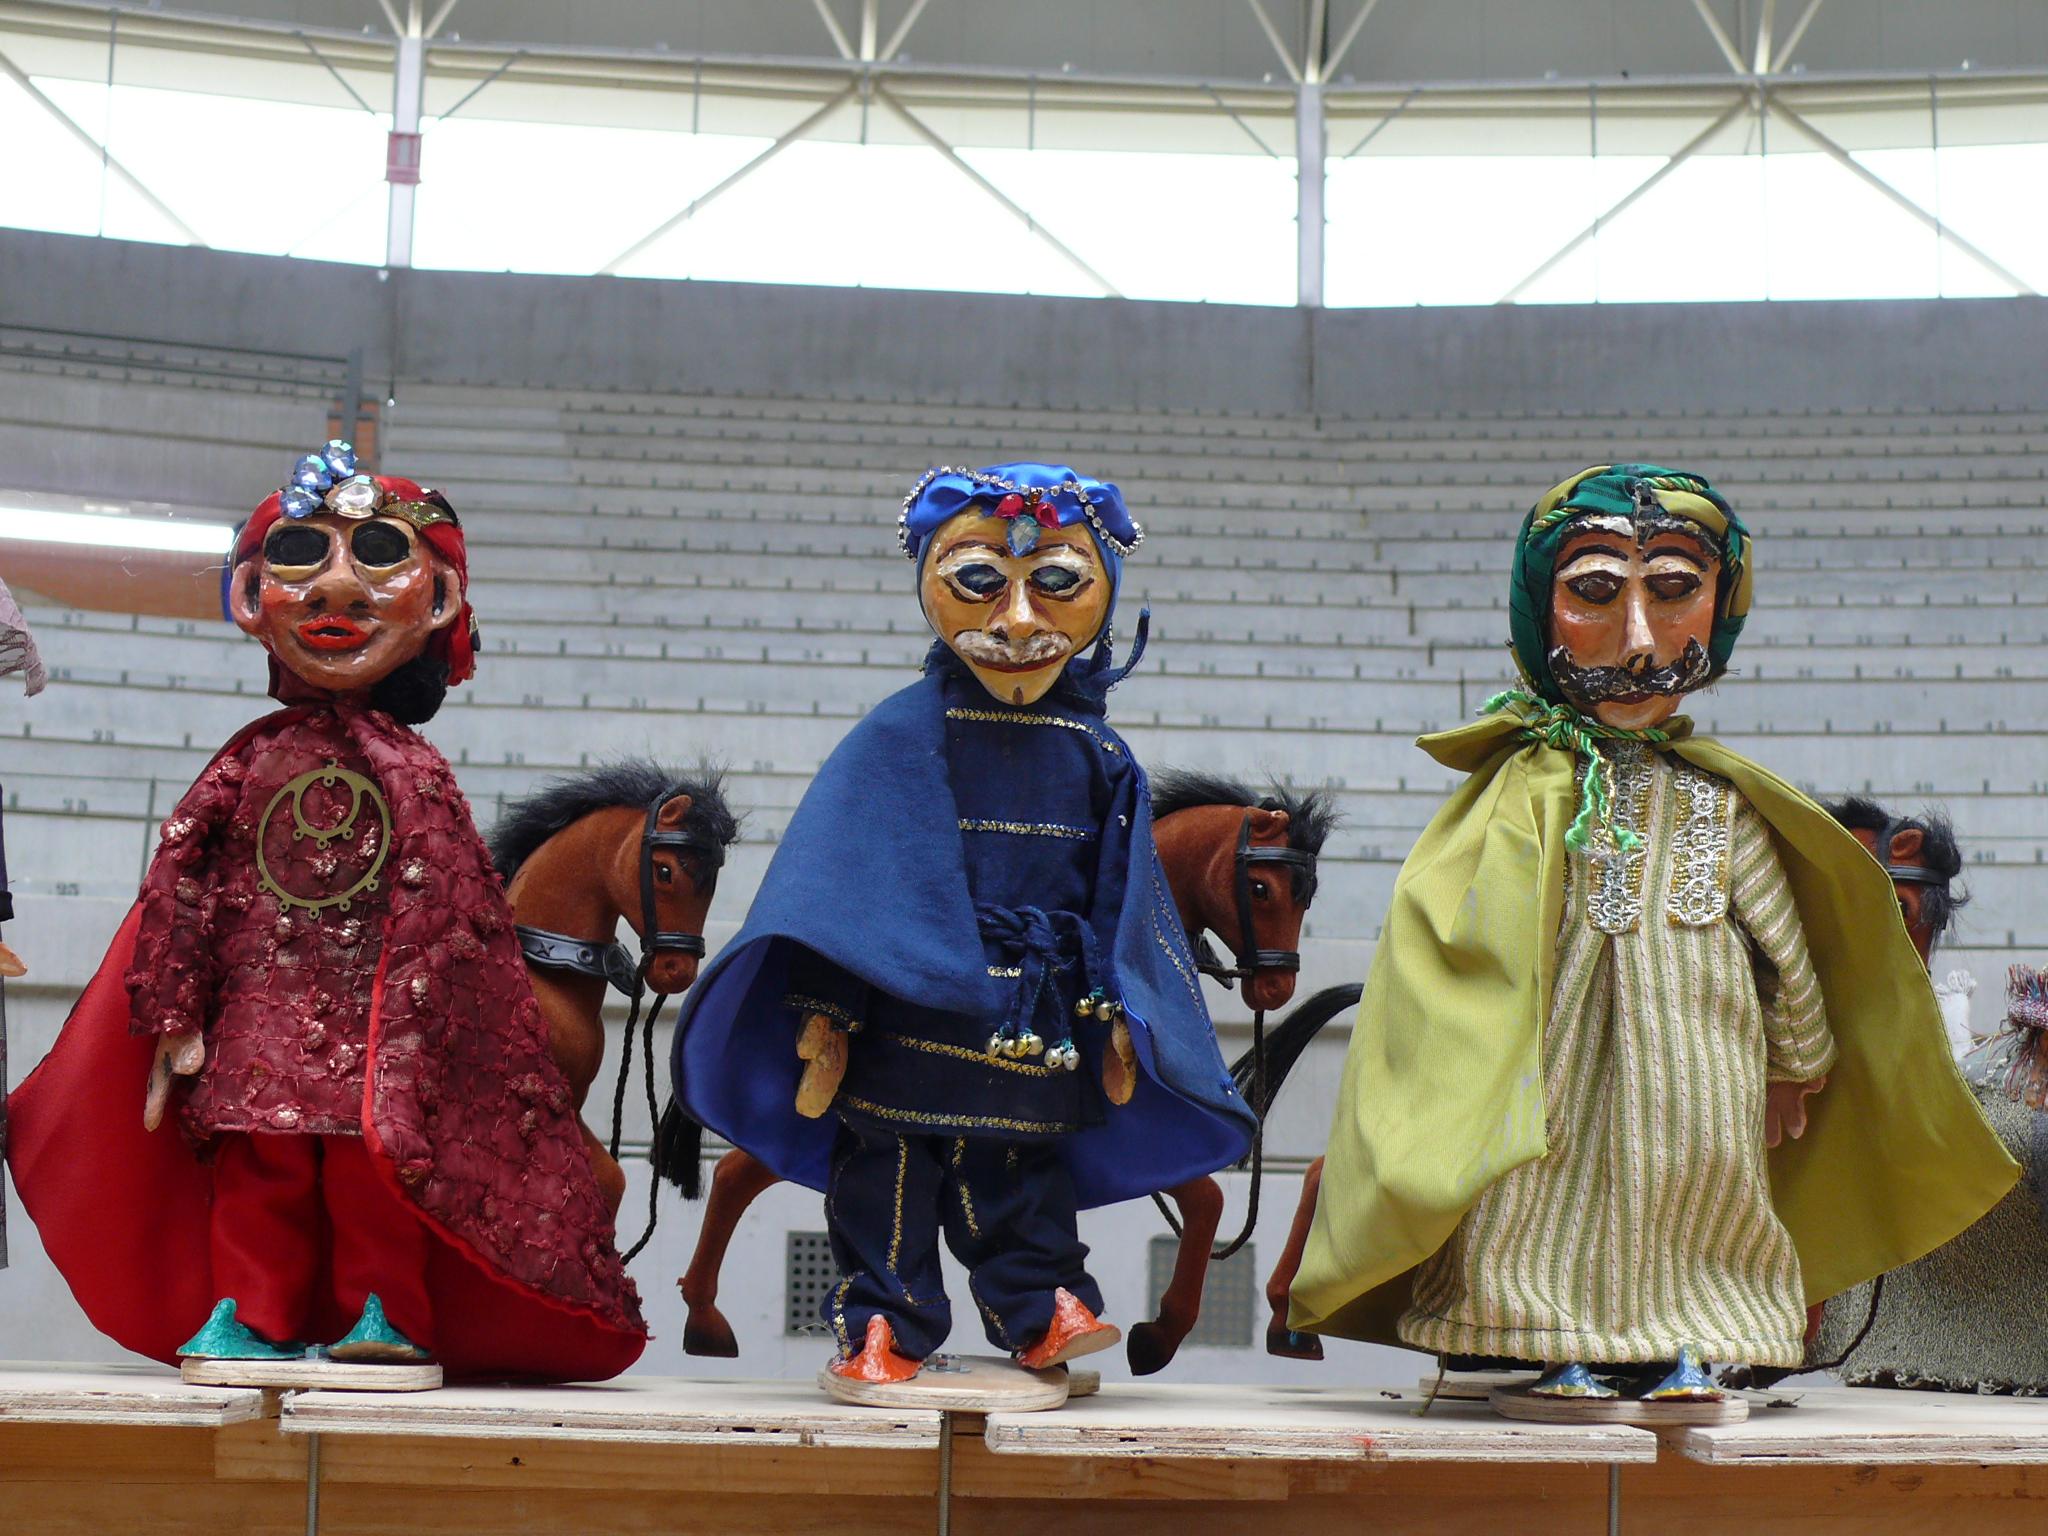 Exposición Marionetas del Mundo